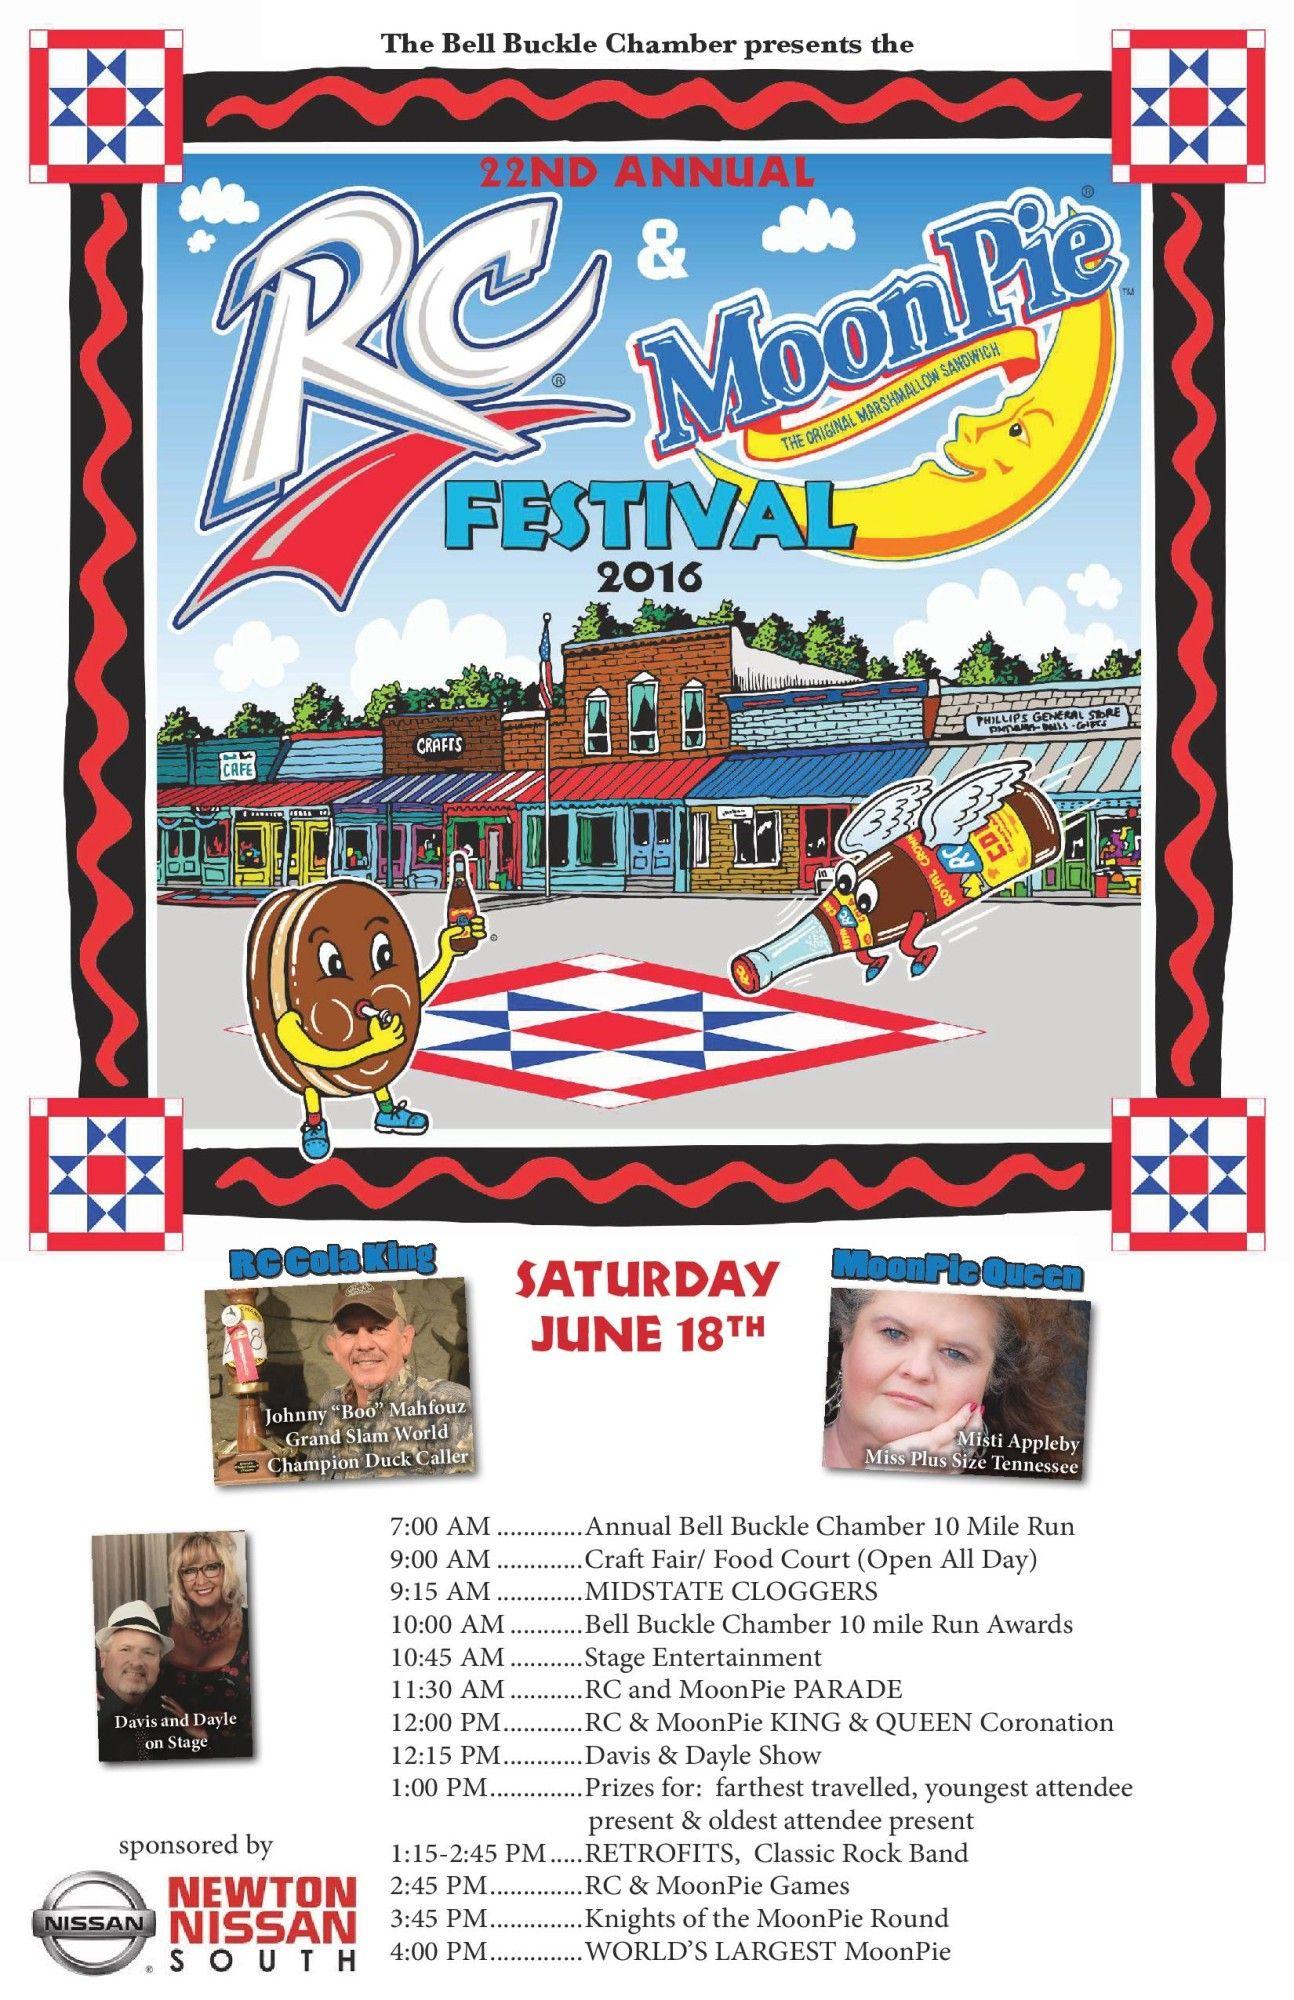 50+ Bell buckle craft fair attendance information